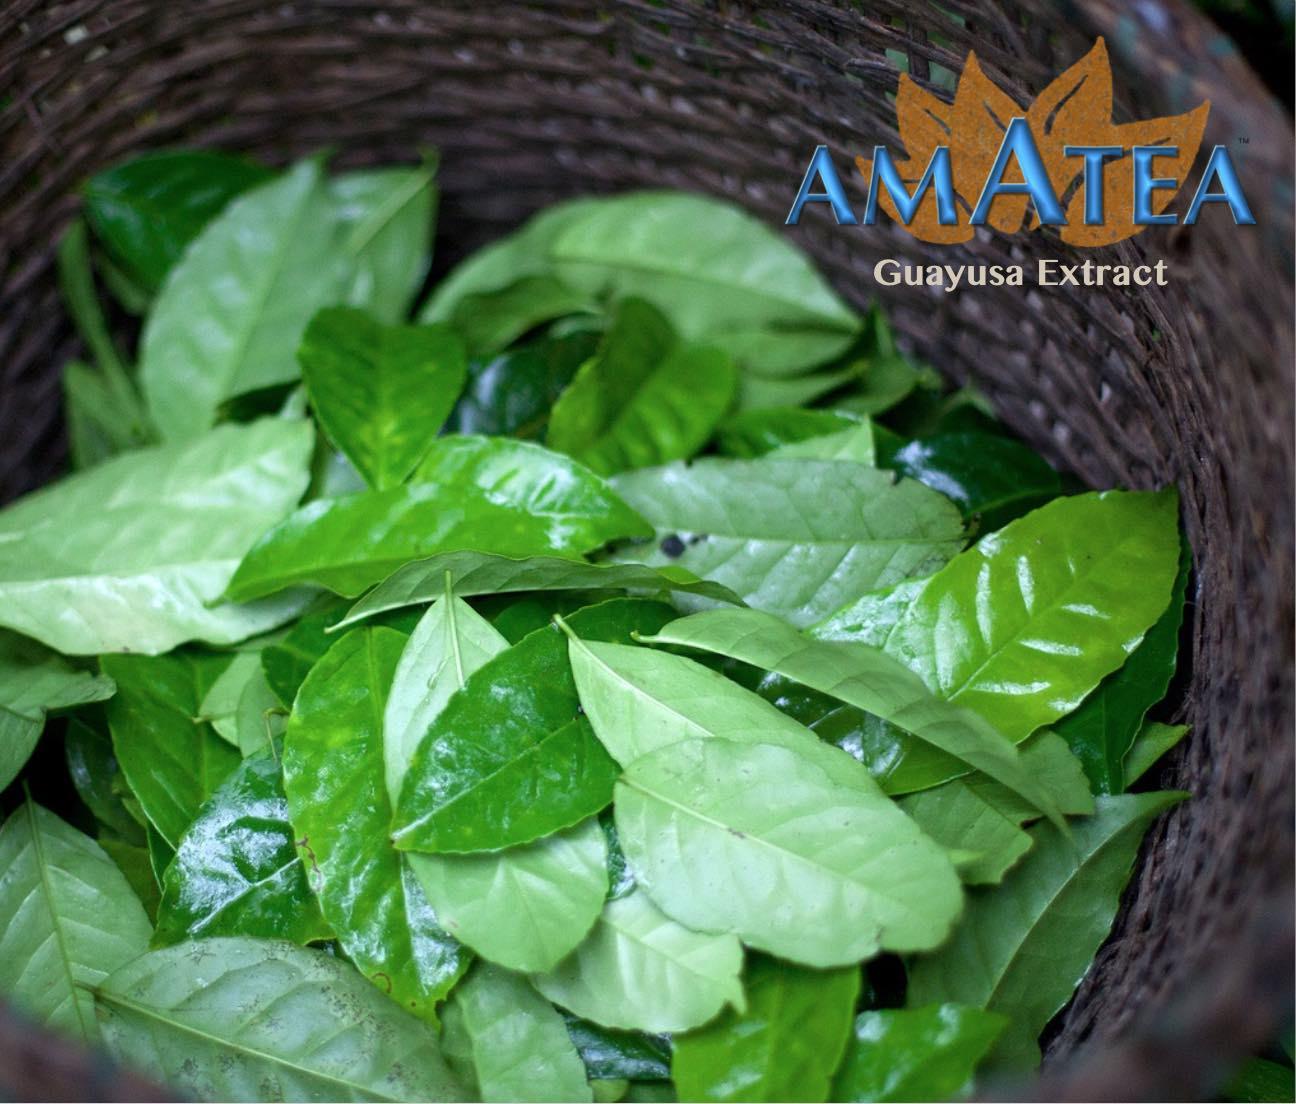 AMATEA™ Guayusa Extract